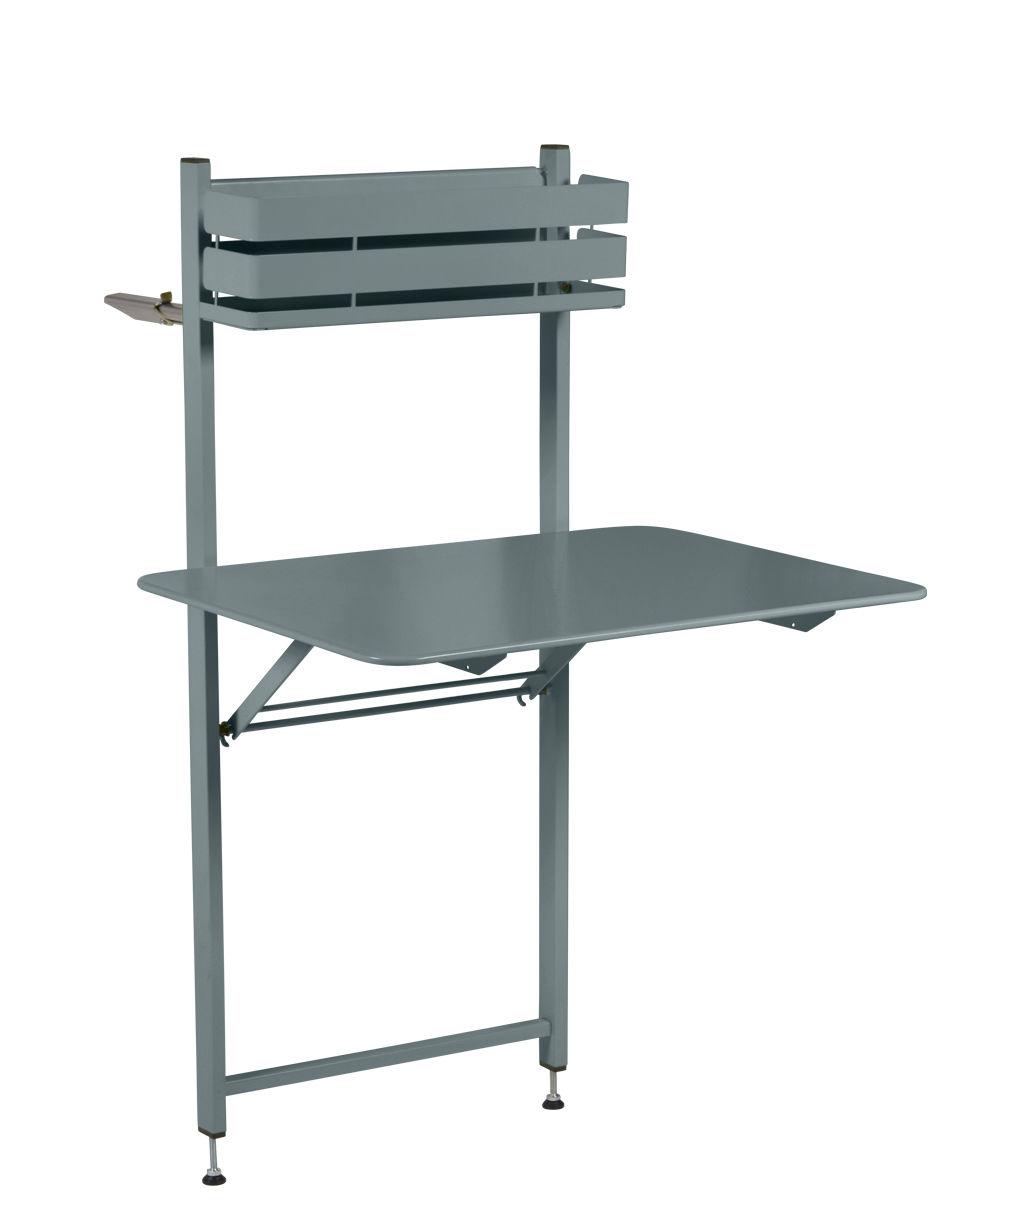 Outdoor - Tavoli  - Tavolo pieghevole Balcon Bistro - / Ribaltabile - 77 x 64 cm di Fermob - Grigio temporale - Acciaio verniciato